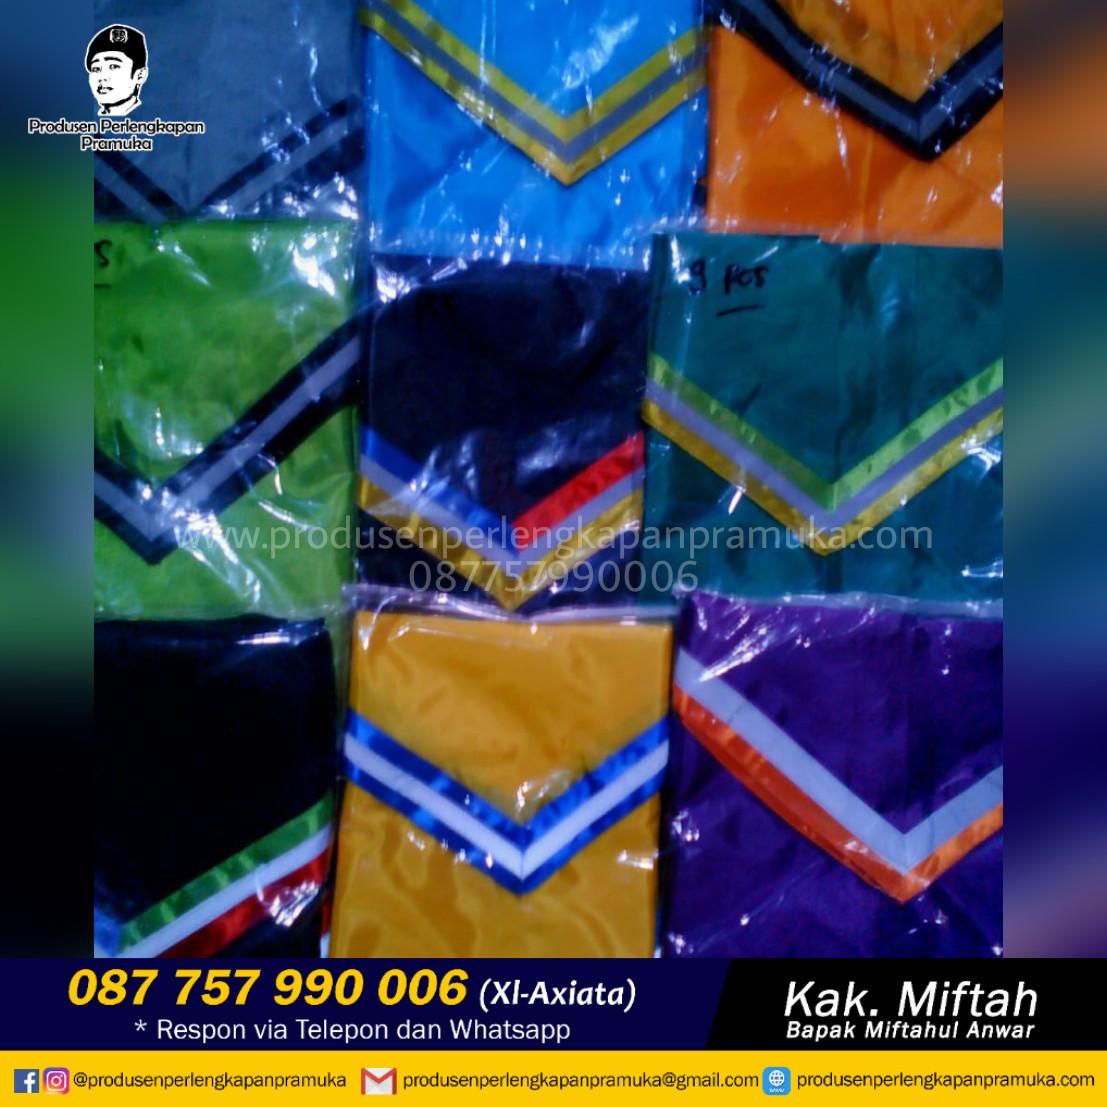 Jual Scarf Pramuka Kalimantan Utara | Grosir Scarf Pramuka Kalimantan Utara | Produsen Scarf Pramuka Kalimantan Utara